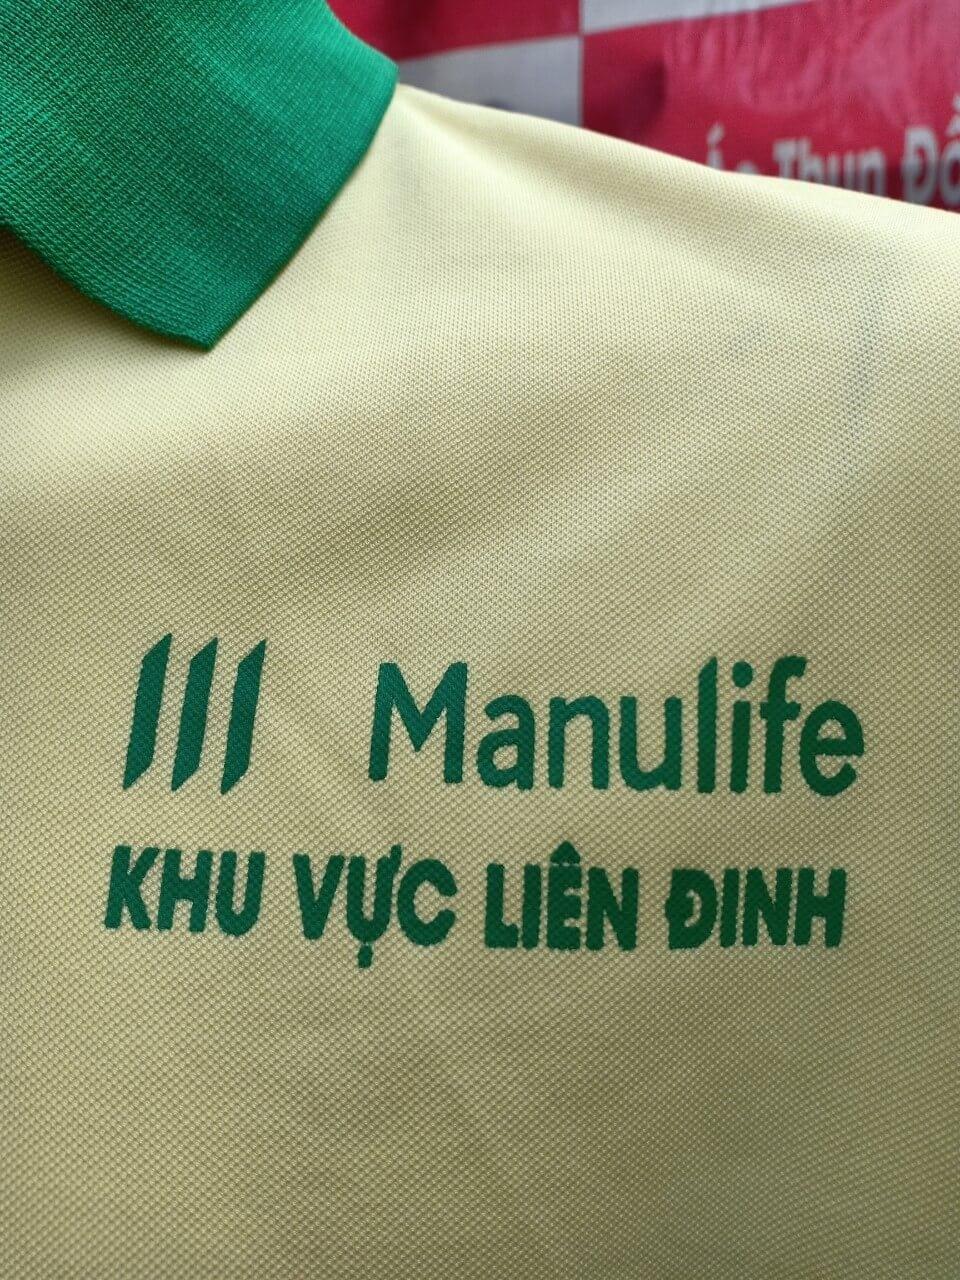 Manulife 5